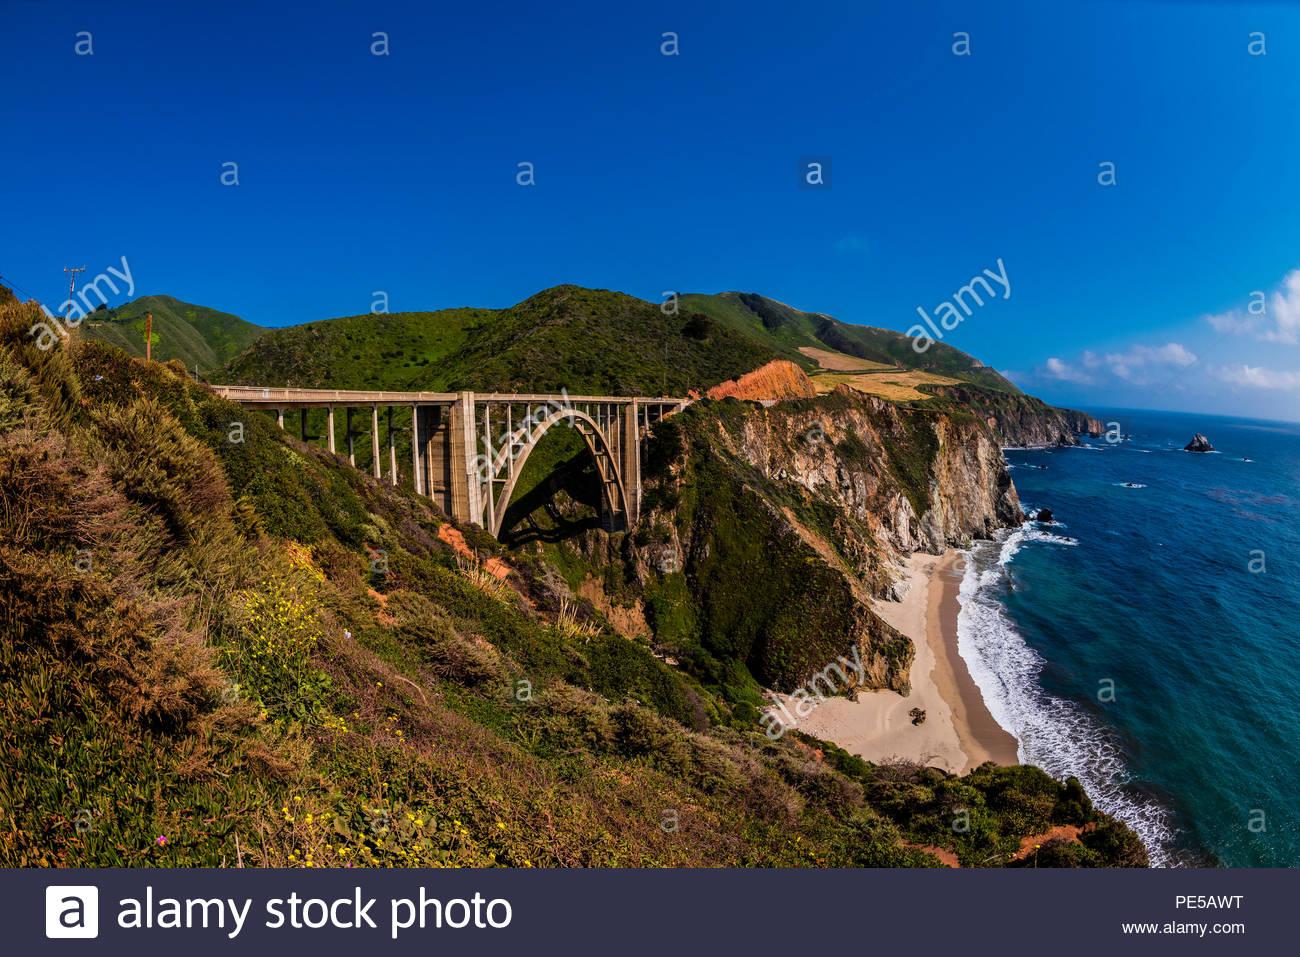 Die bixby Bridge entlang der Big Sur Küste zwischen Carmel Highlands und Big Sur, Kalifornien, USA. Stockbild